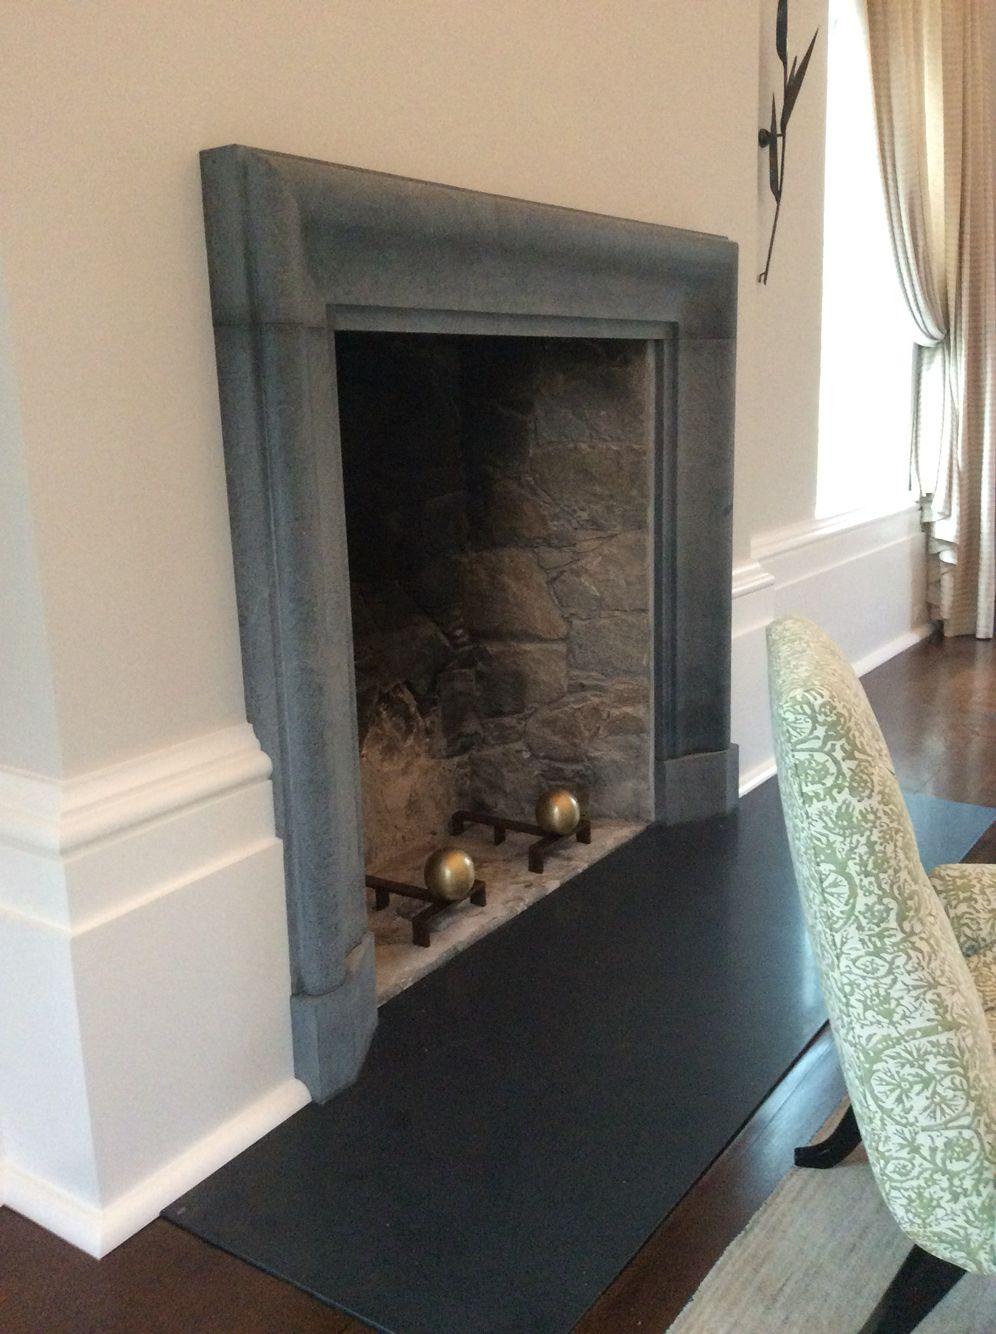 Soapstone Fireplace Wood Burning Stove Fireplace Home Decor